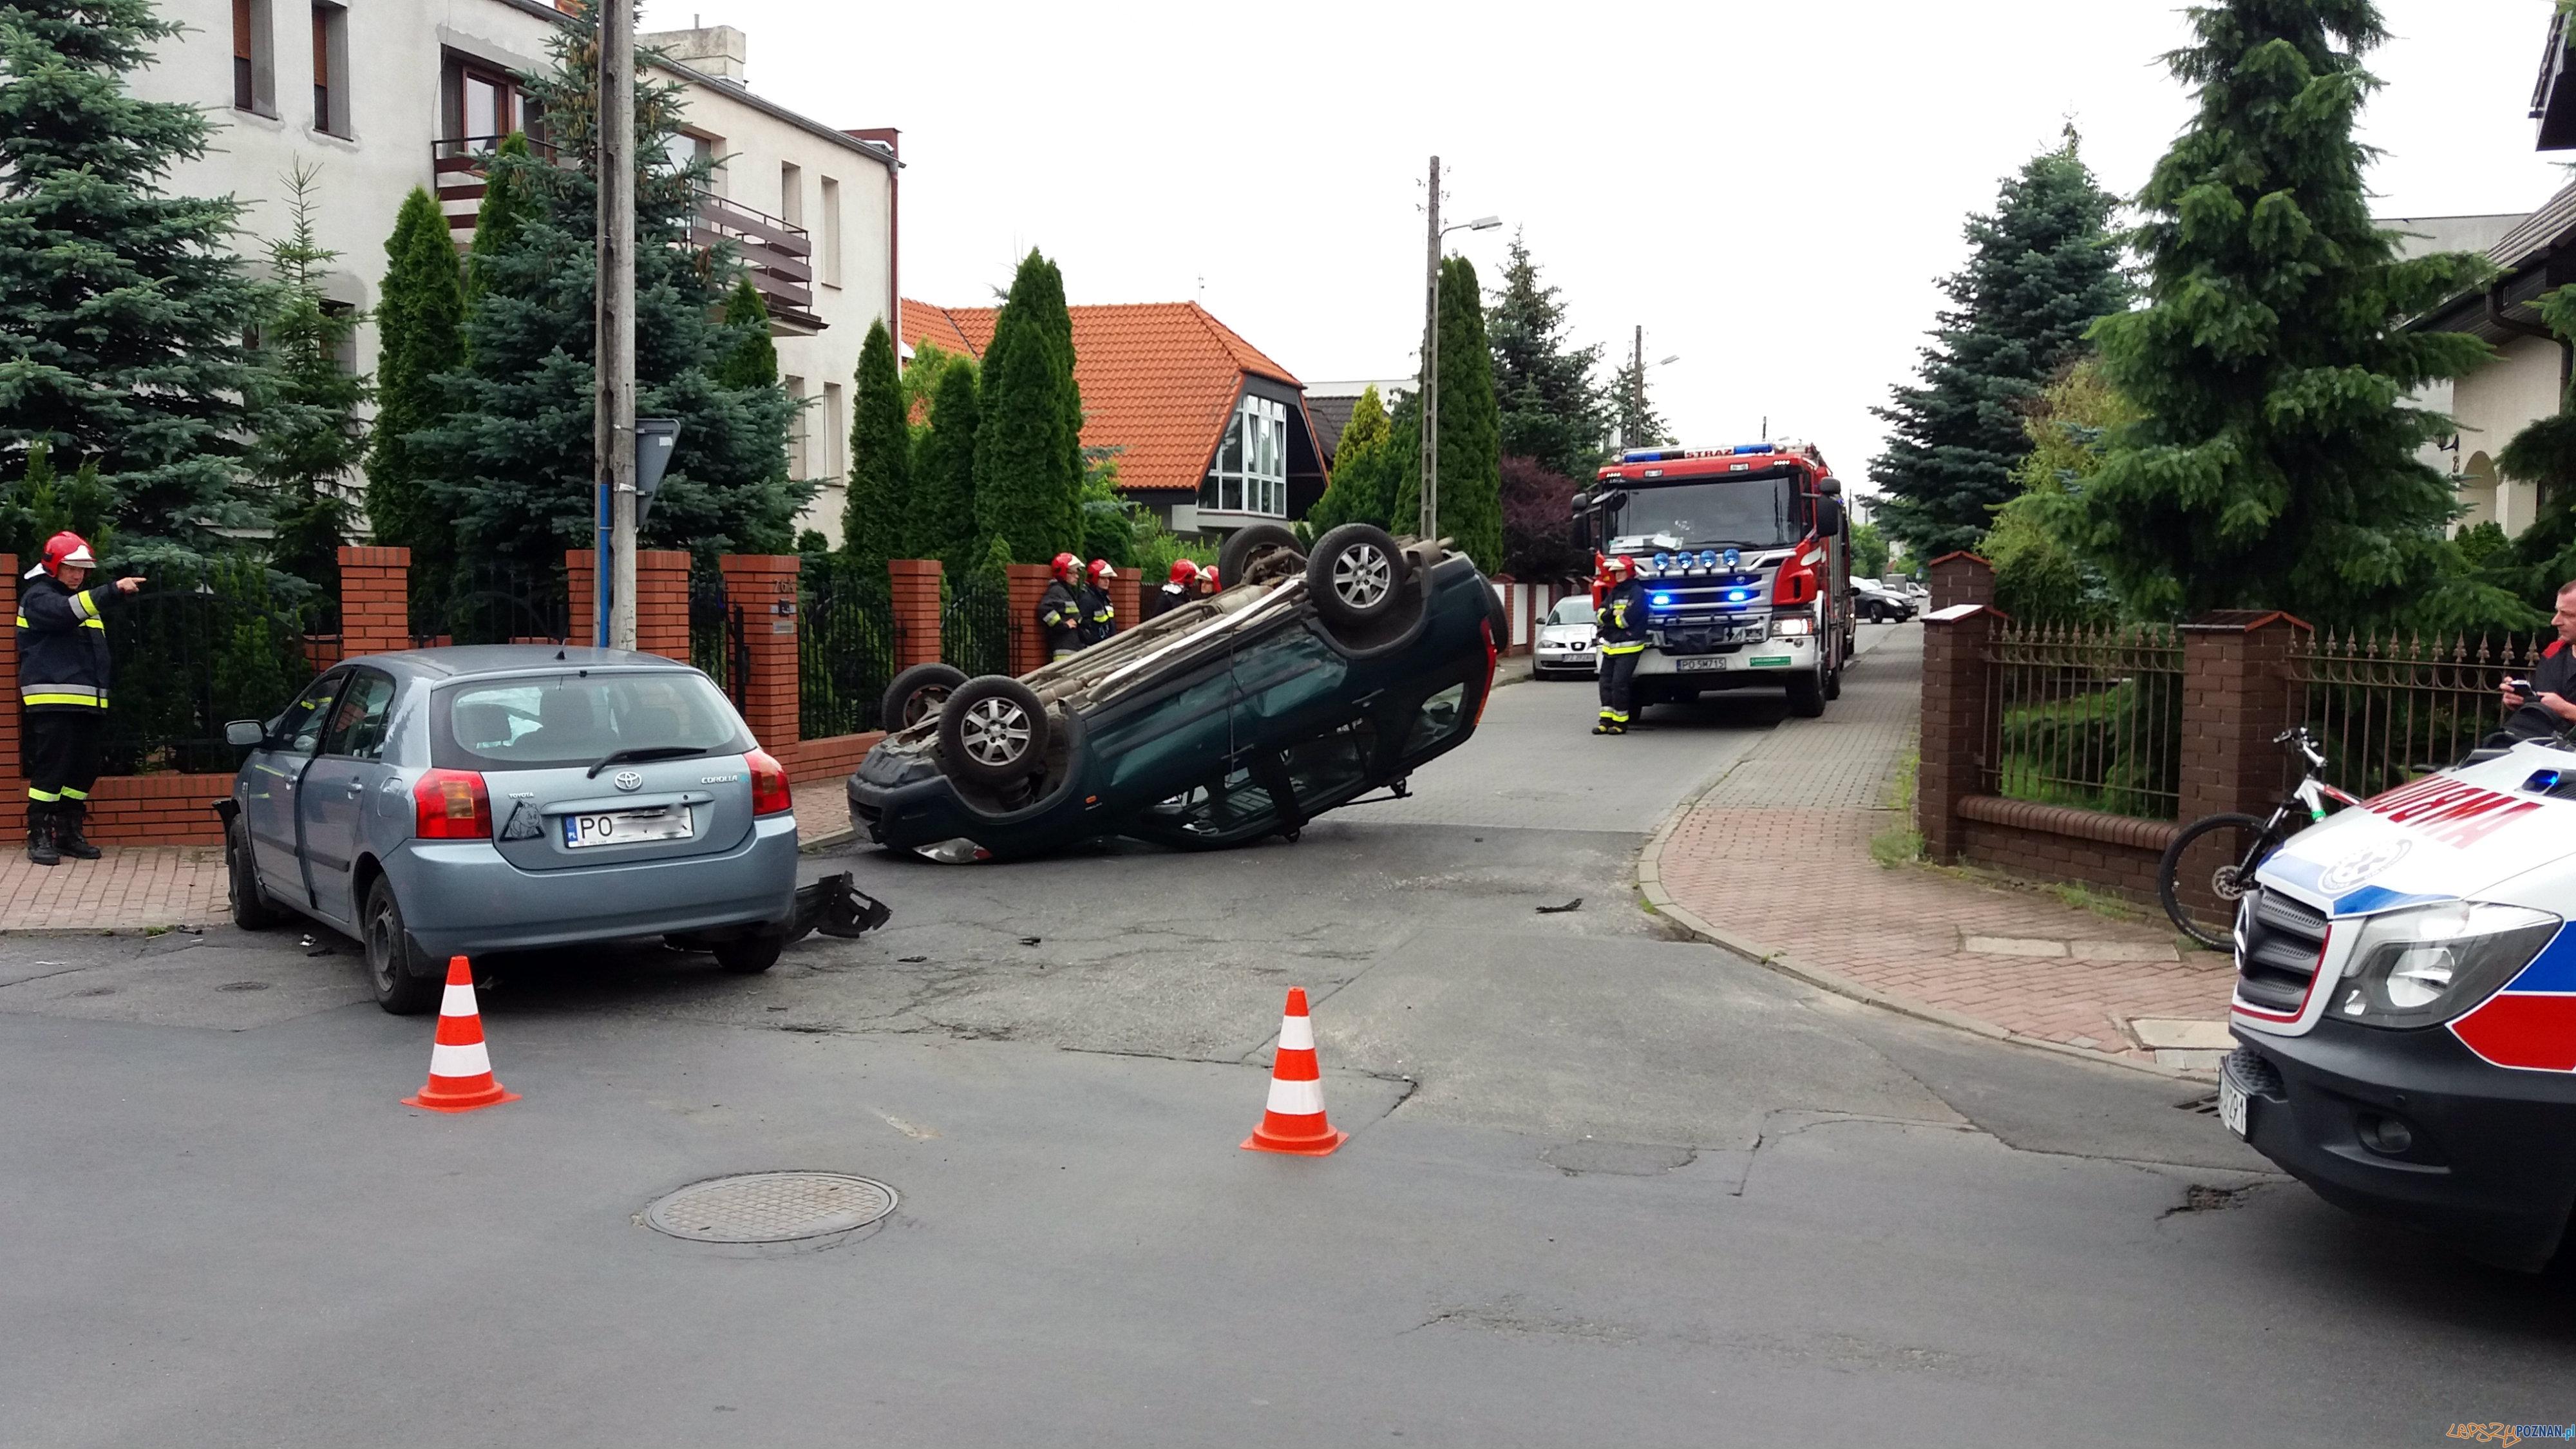 Poważny wypadek na osiedlowej uliczce!  Foto: lepszyPOZNAN / gsm